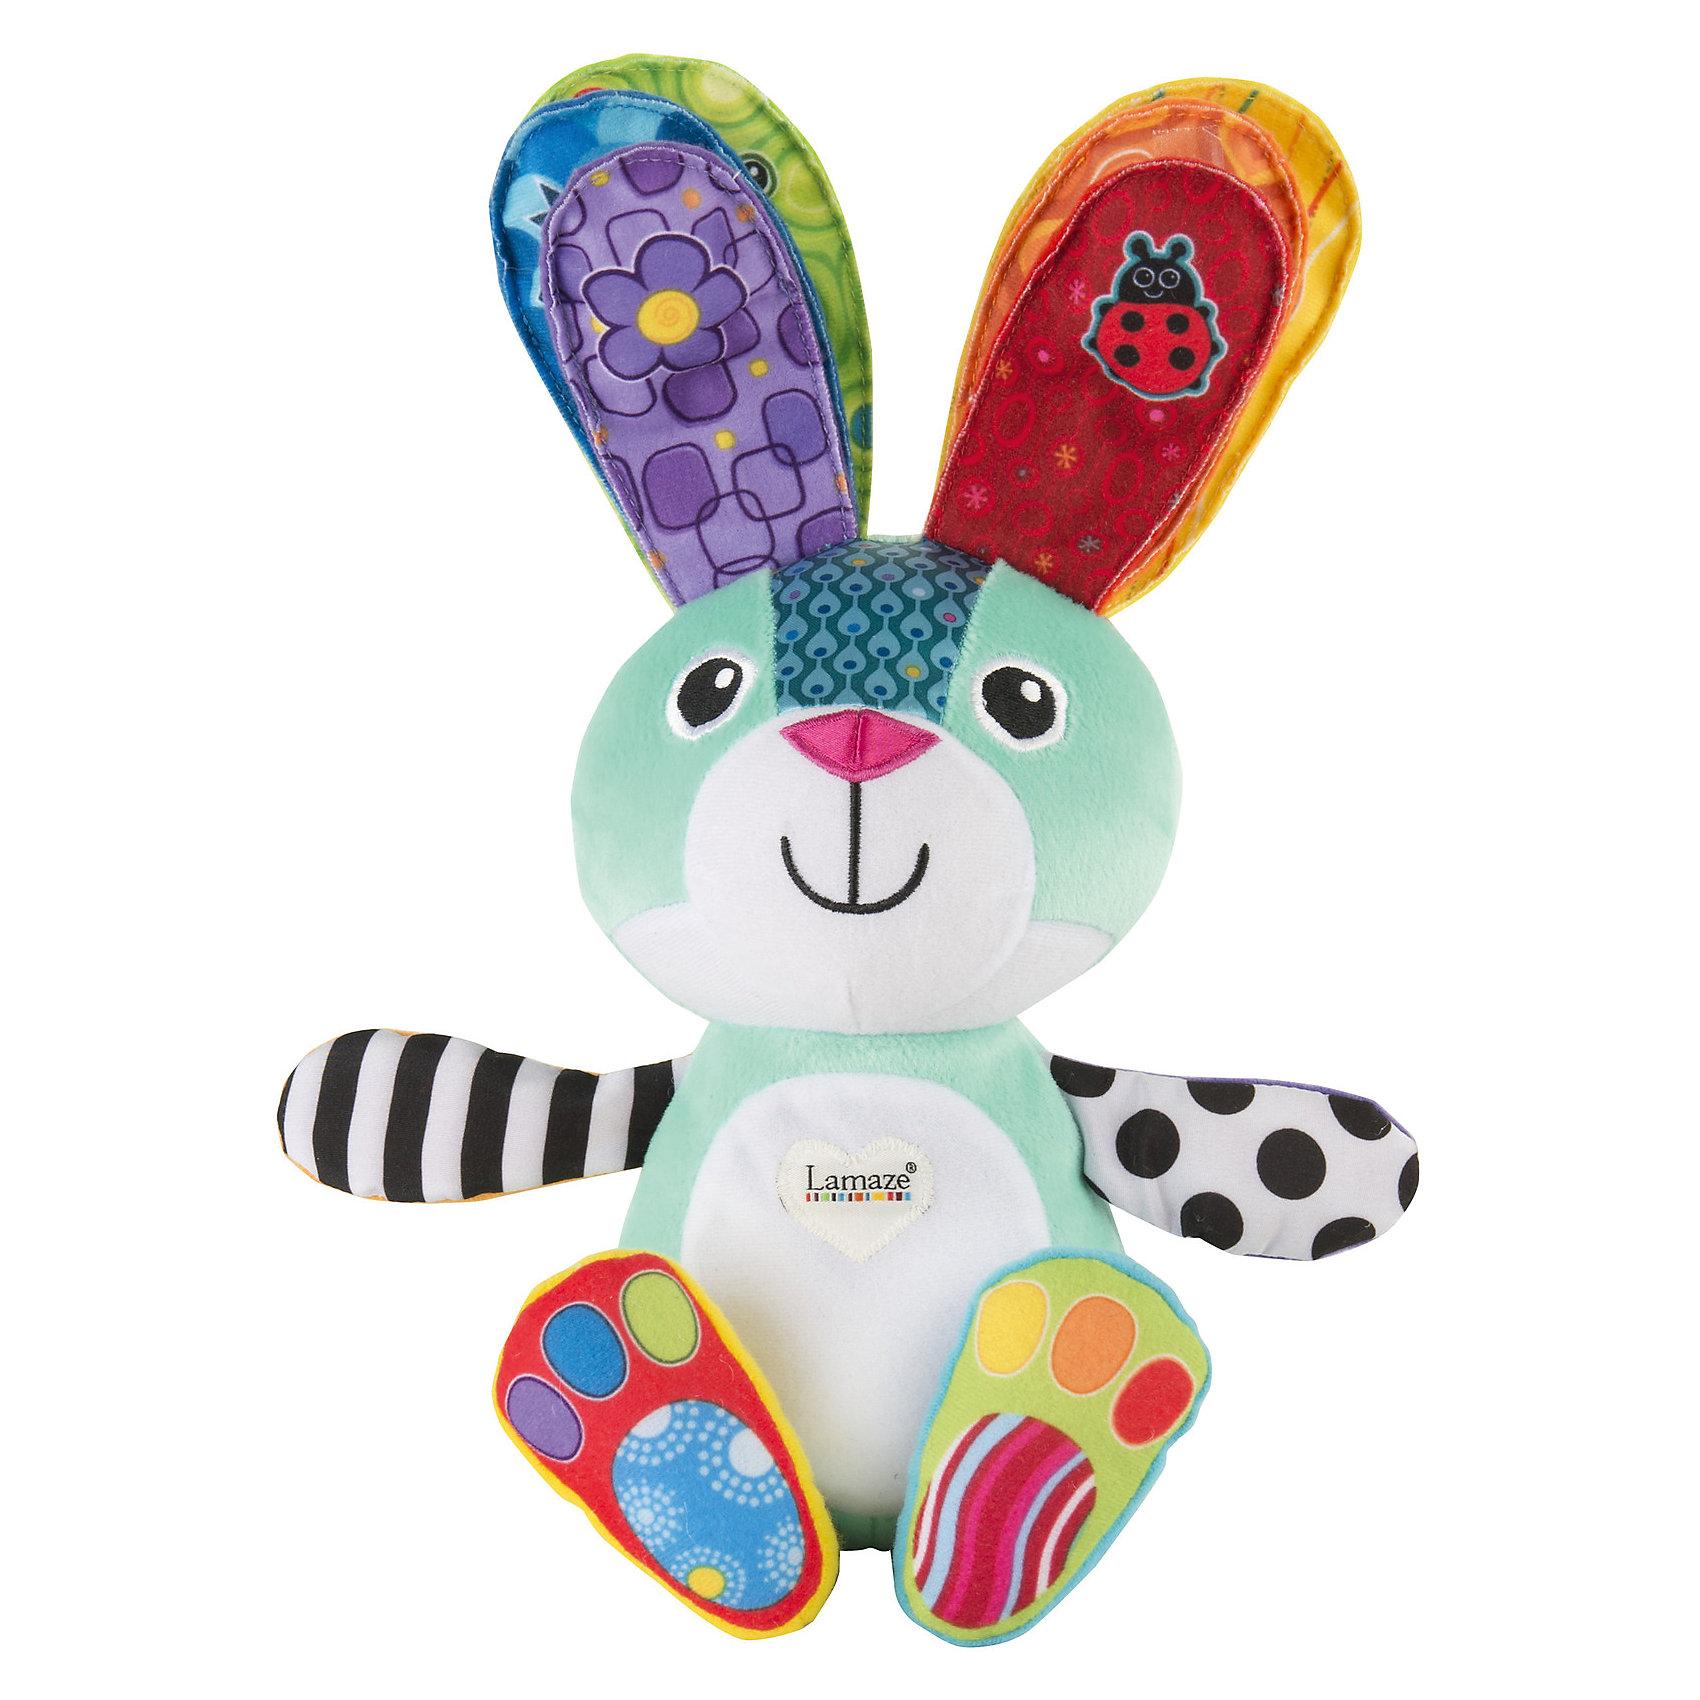 Учёный зайкаУчим цвета, 24см, LamazeУчёный зайка  Учим цвета, Lamaze – это яркая развивающая игрушка, которая обязательно понравится вашему ребенку.<br>Длинноухий разноцветный Ученый зайка станет лучшим другом малышу и научит его различать цвета. Игрушка мягкая, приятная на ощупь, зайчонок раскинул лапки, чтобы приветствовать вашего малыша. Красочные разнофактурные ткани, из которых изготовлена игрушка, приятно трогать пальчиками. Если ребенок нажмет на одно ушко нового друга, то у зайки засветится животик, и он скажет название цвета. Нажав на два ушка, малыш услышит веселую мелодию, а животик зайки будет переливаться всеми цветами радуги. Игрушку можно переключить в ночной режим, для этого нужно нажать на лапку зайки. Колыбельная мелодия и мягкий приглушенный свет успокоят маленького непоседу и унесут его в мир сладких снов.<br><br>Дополнительная информация:<br><br>- Батарейки: 3 типа ААА (в комплекте)<br>- Размер: 9,5 x 16,5 x 24,1 см.<br>- Вес: 300 гр.<br><br>Игрушку Учёный зайка  Учим цвета, Lamaze можно купить в нашем интернет-магазине.<br><br>Ширина мм: 9999<br>Глубина мм: 9999<br>Высота мм: 9999<br>Вес г: 9999<br>Возраст от месяцев: 9<br>Возраст до месяцев: 36<br>Пол: Унисекс<br>Возраст: Детский<br>SKU: 4183567